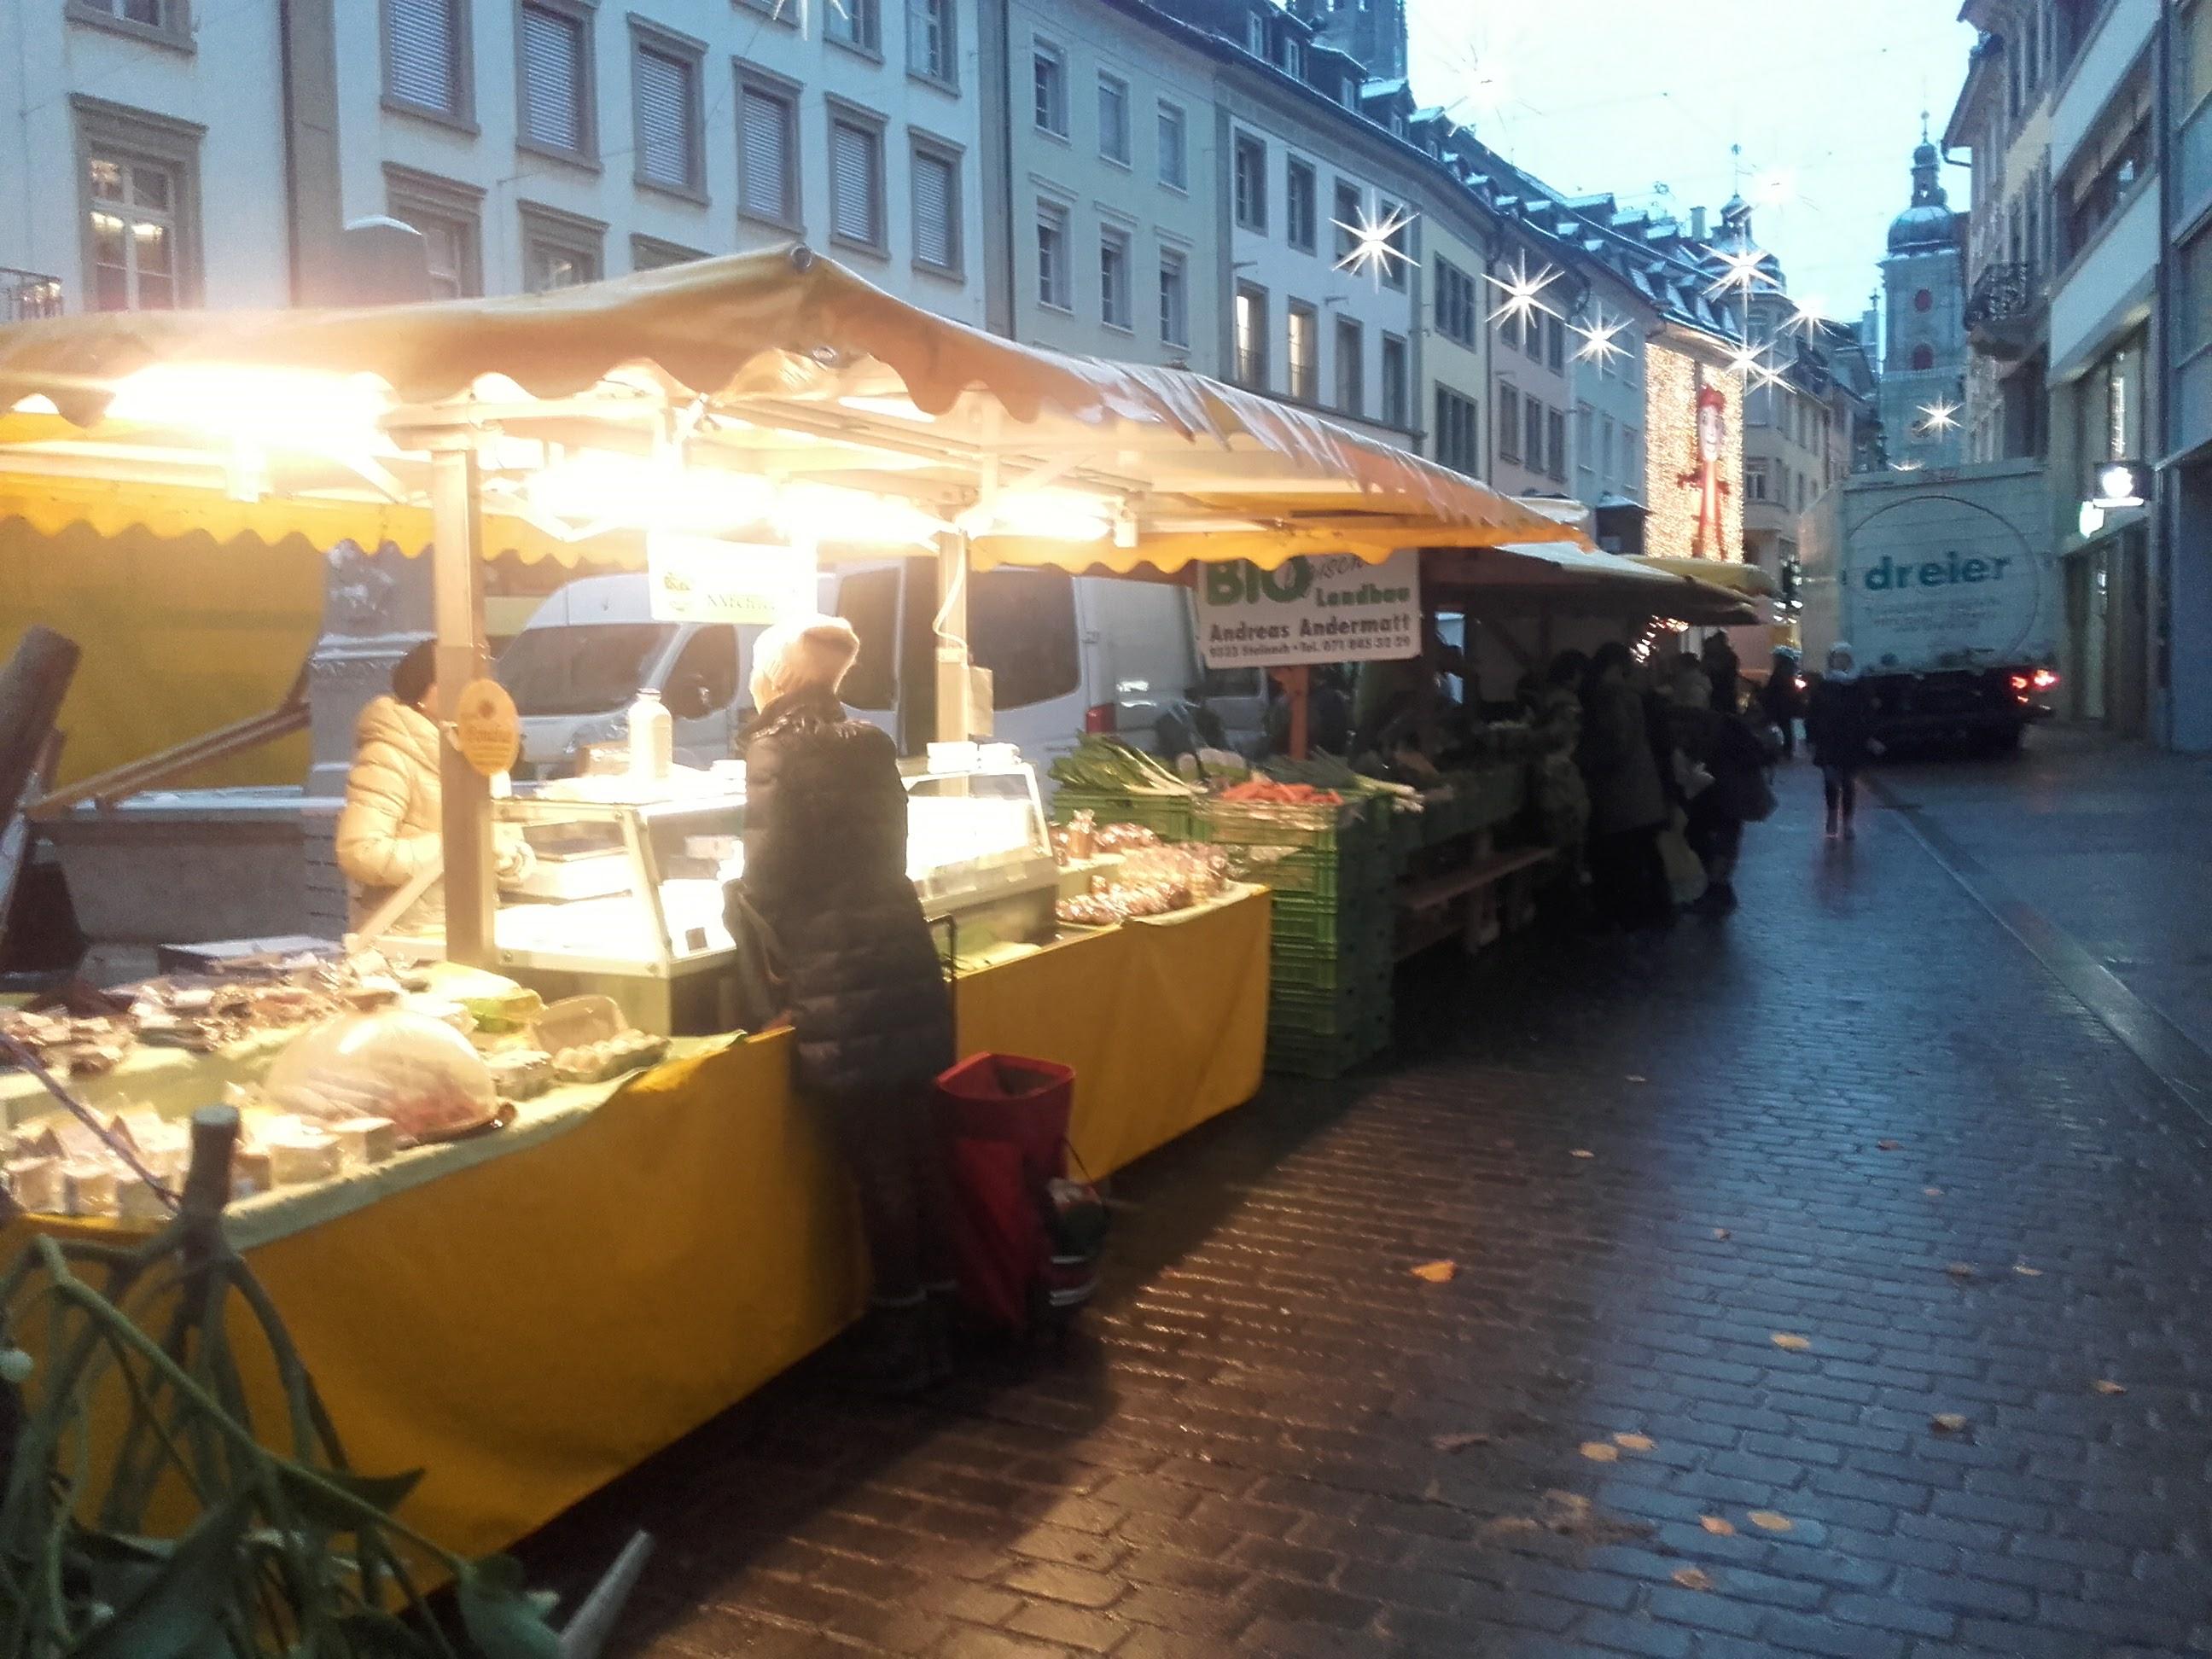 Letzter Bauernmarkt 2017